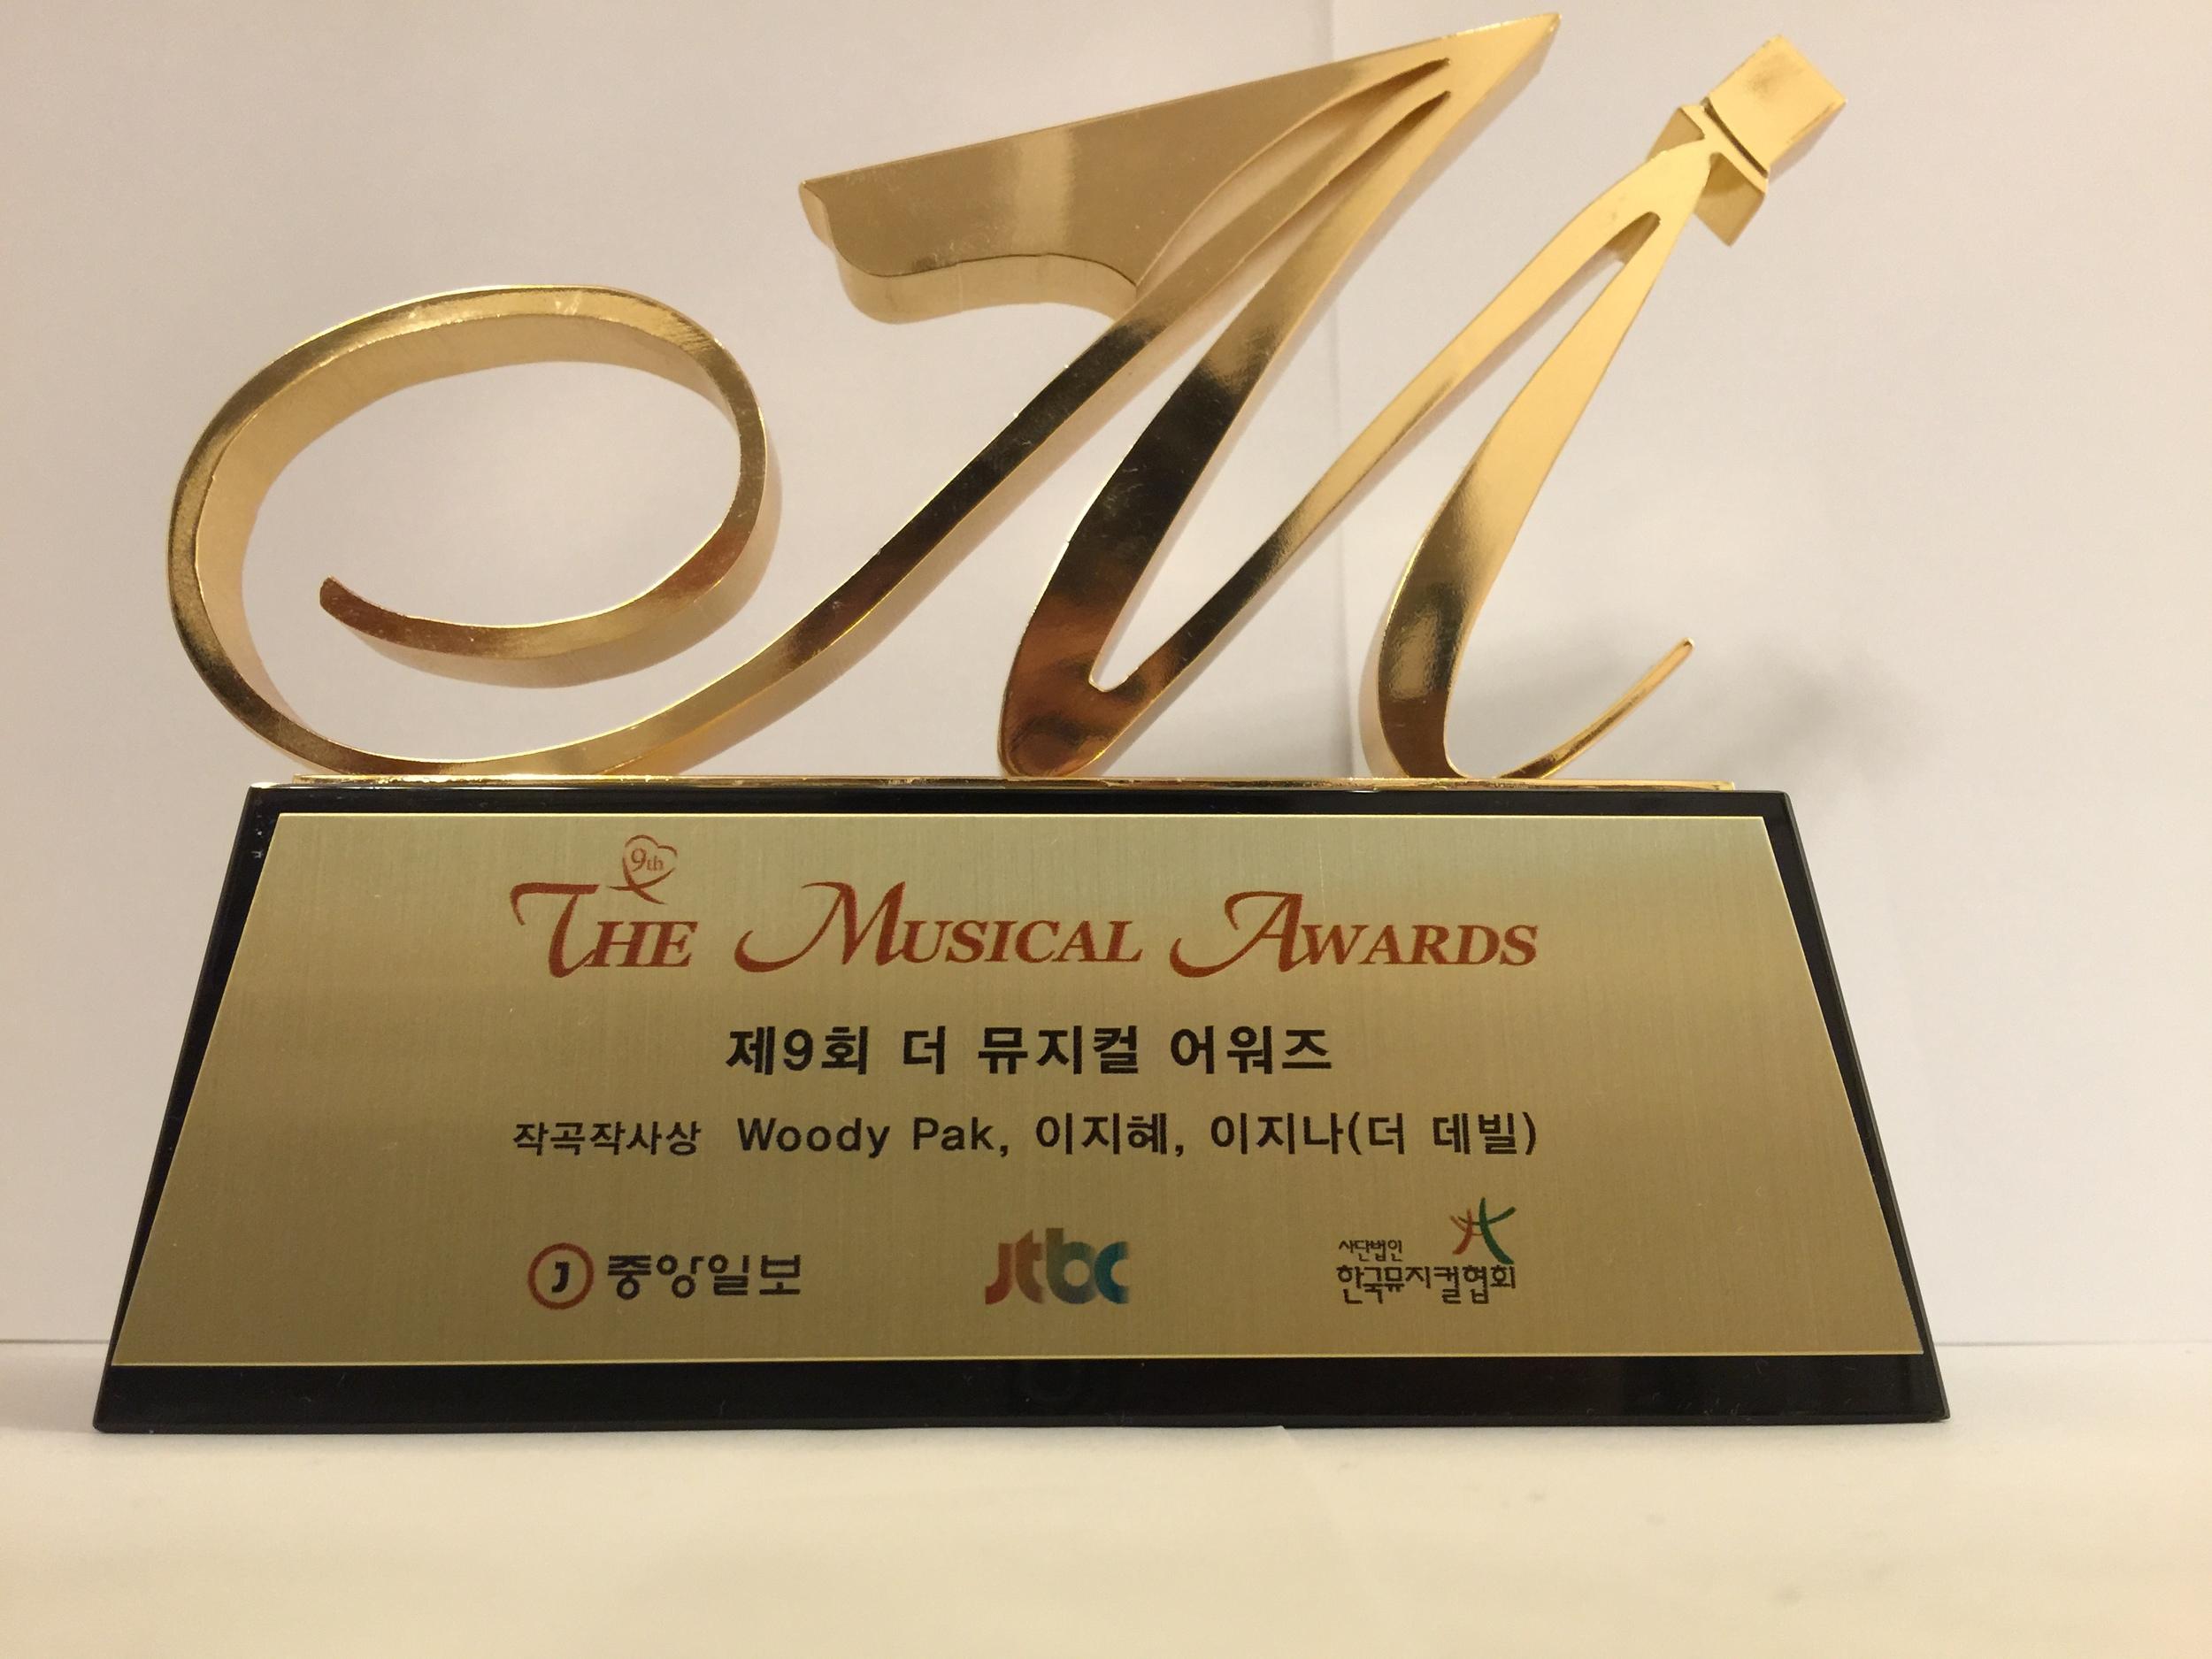 The Musical Awards_2015.jpg